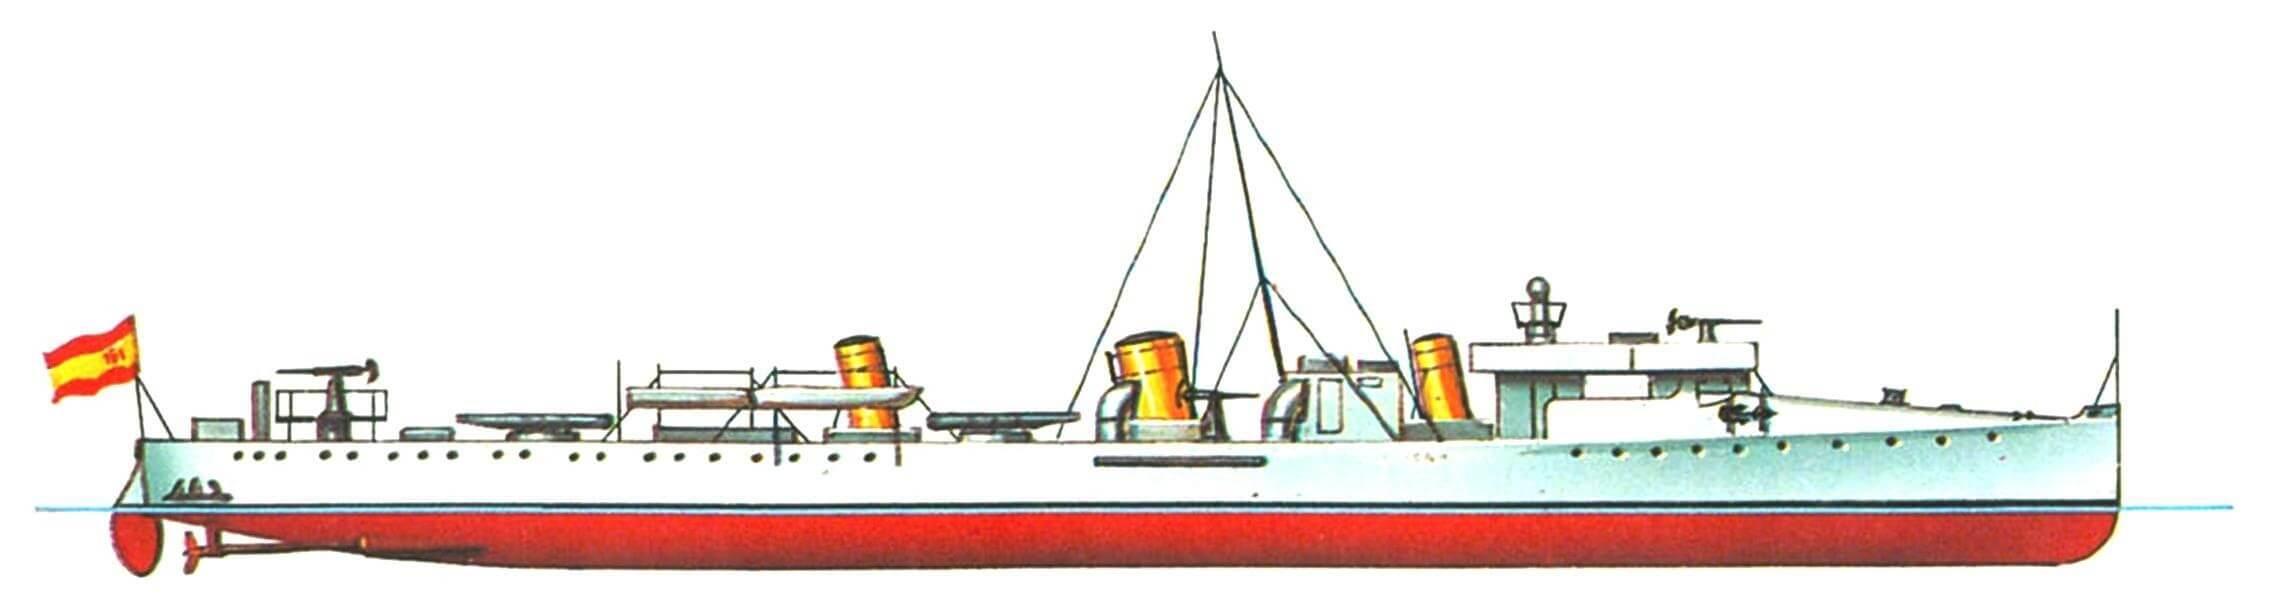 143. Эскадренный миноносец «Фурор», Испания, 1896 г. Строился шотландской фирмой «Томсон». Водоизмещение нормальное 380 т. Длина наибольшая 67,05 м, ширина 6,8 м, осадка 1,7 м. Мощность двухвальной паросиловой установки 6000 л.с., скорость 28 узлов. Вооружение: две 76-мм и две 57-мм пушки, два пулемета, два 356-мм торпедных аппарата. Всего в 1896—1898 годах построено 6 единиц: «Фурор», «Террор», «Аудас», «Осадо», «Плутон» и «Прозерпина». Последние четыре имели нормальное водоизмещение 400 т, мощность машин 7500 л.с. и проектную скорость 30 узлов, «Фурор» и «Плутон» погибли 3 июля 1898 года в бою у Сантьяго-де-Куба, остальные сданы на слом в 1925—1932 гг.